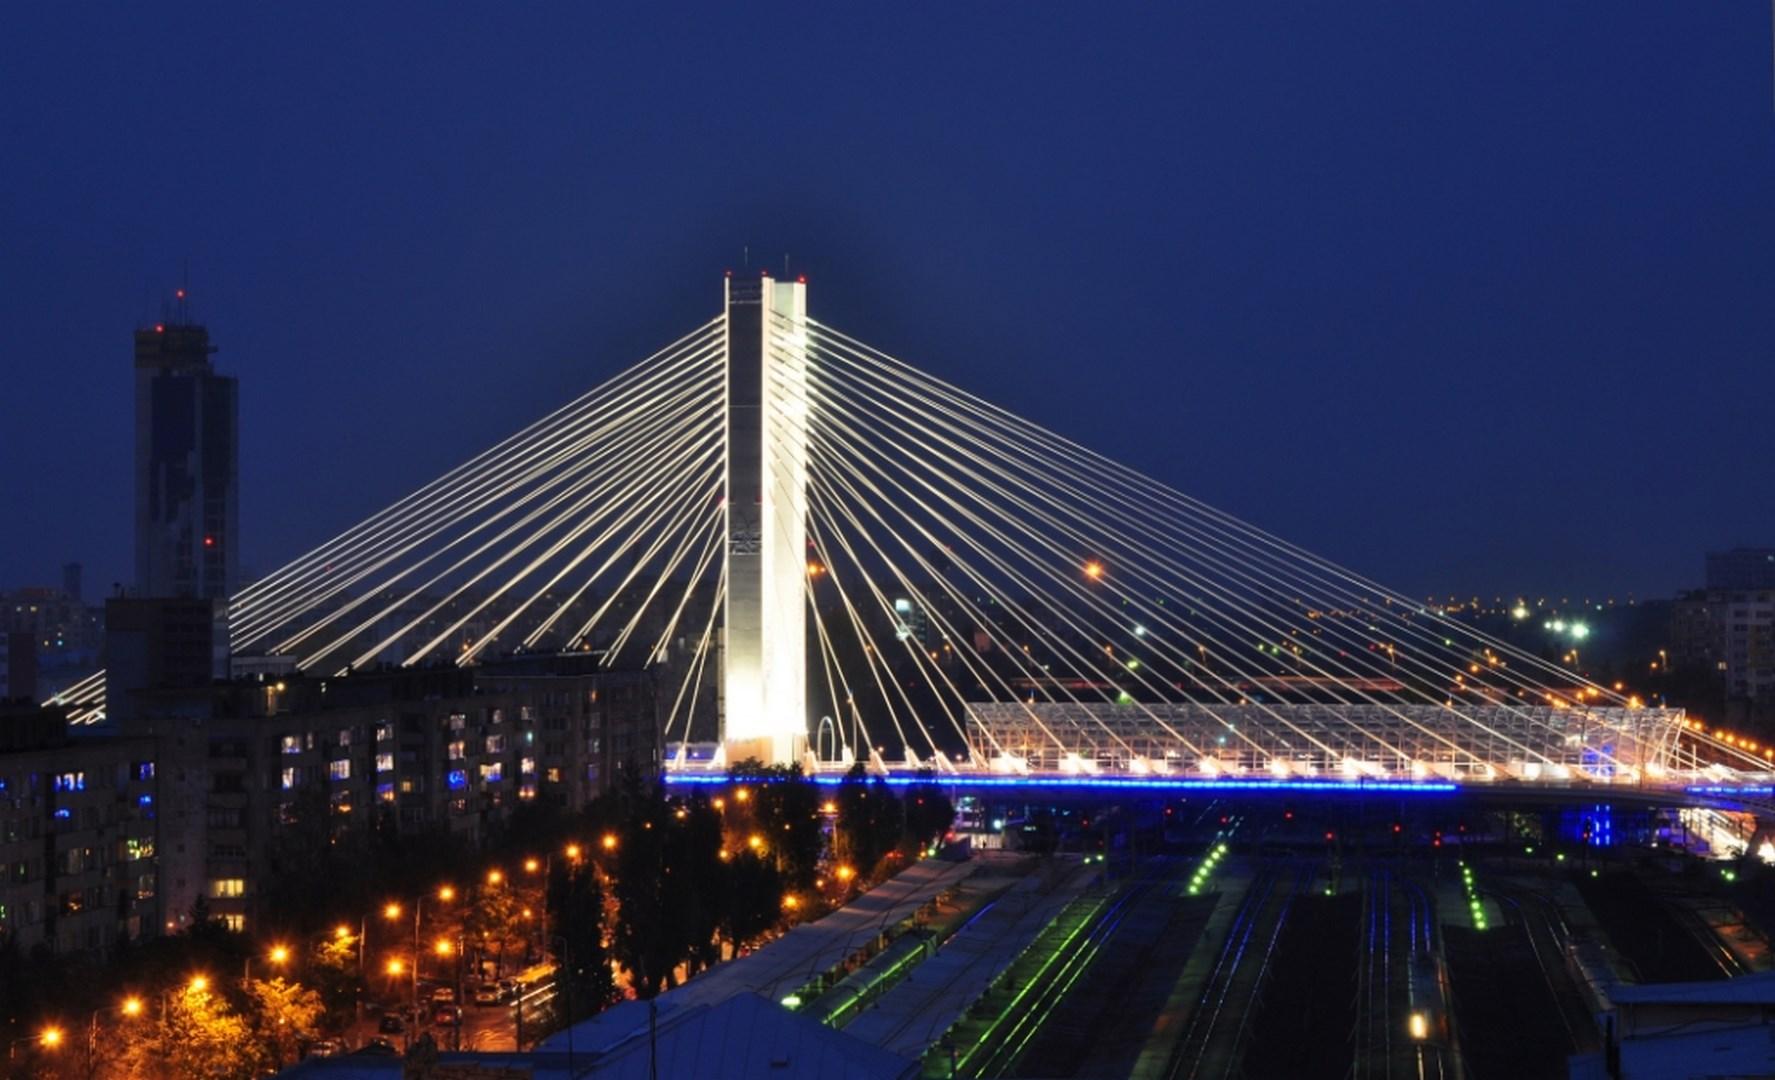 Puente atirantado sobre las vías de tren